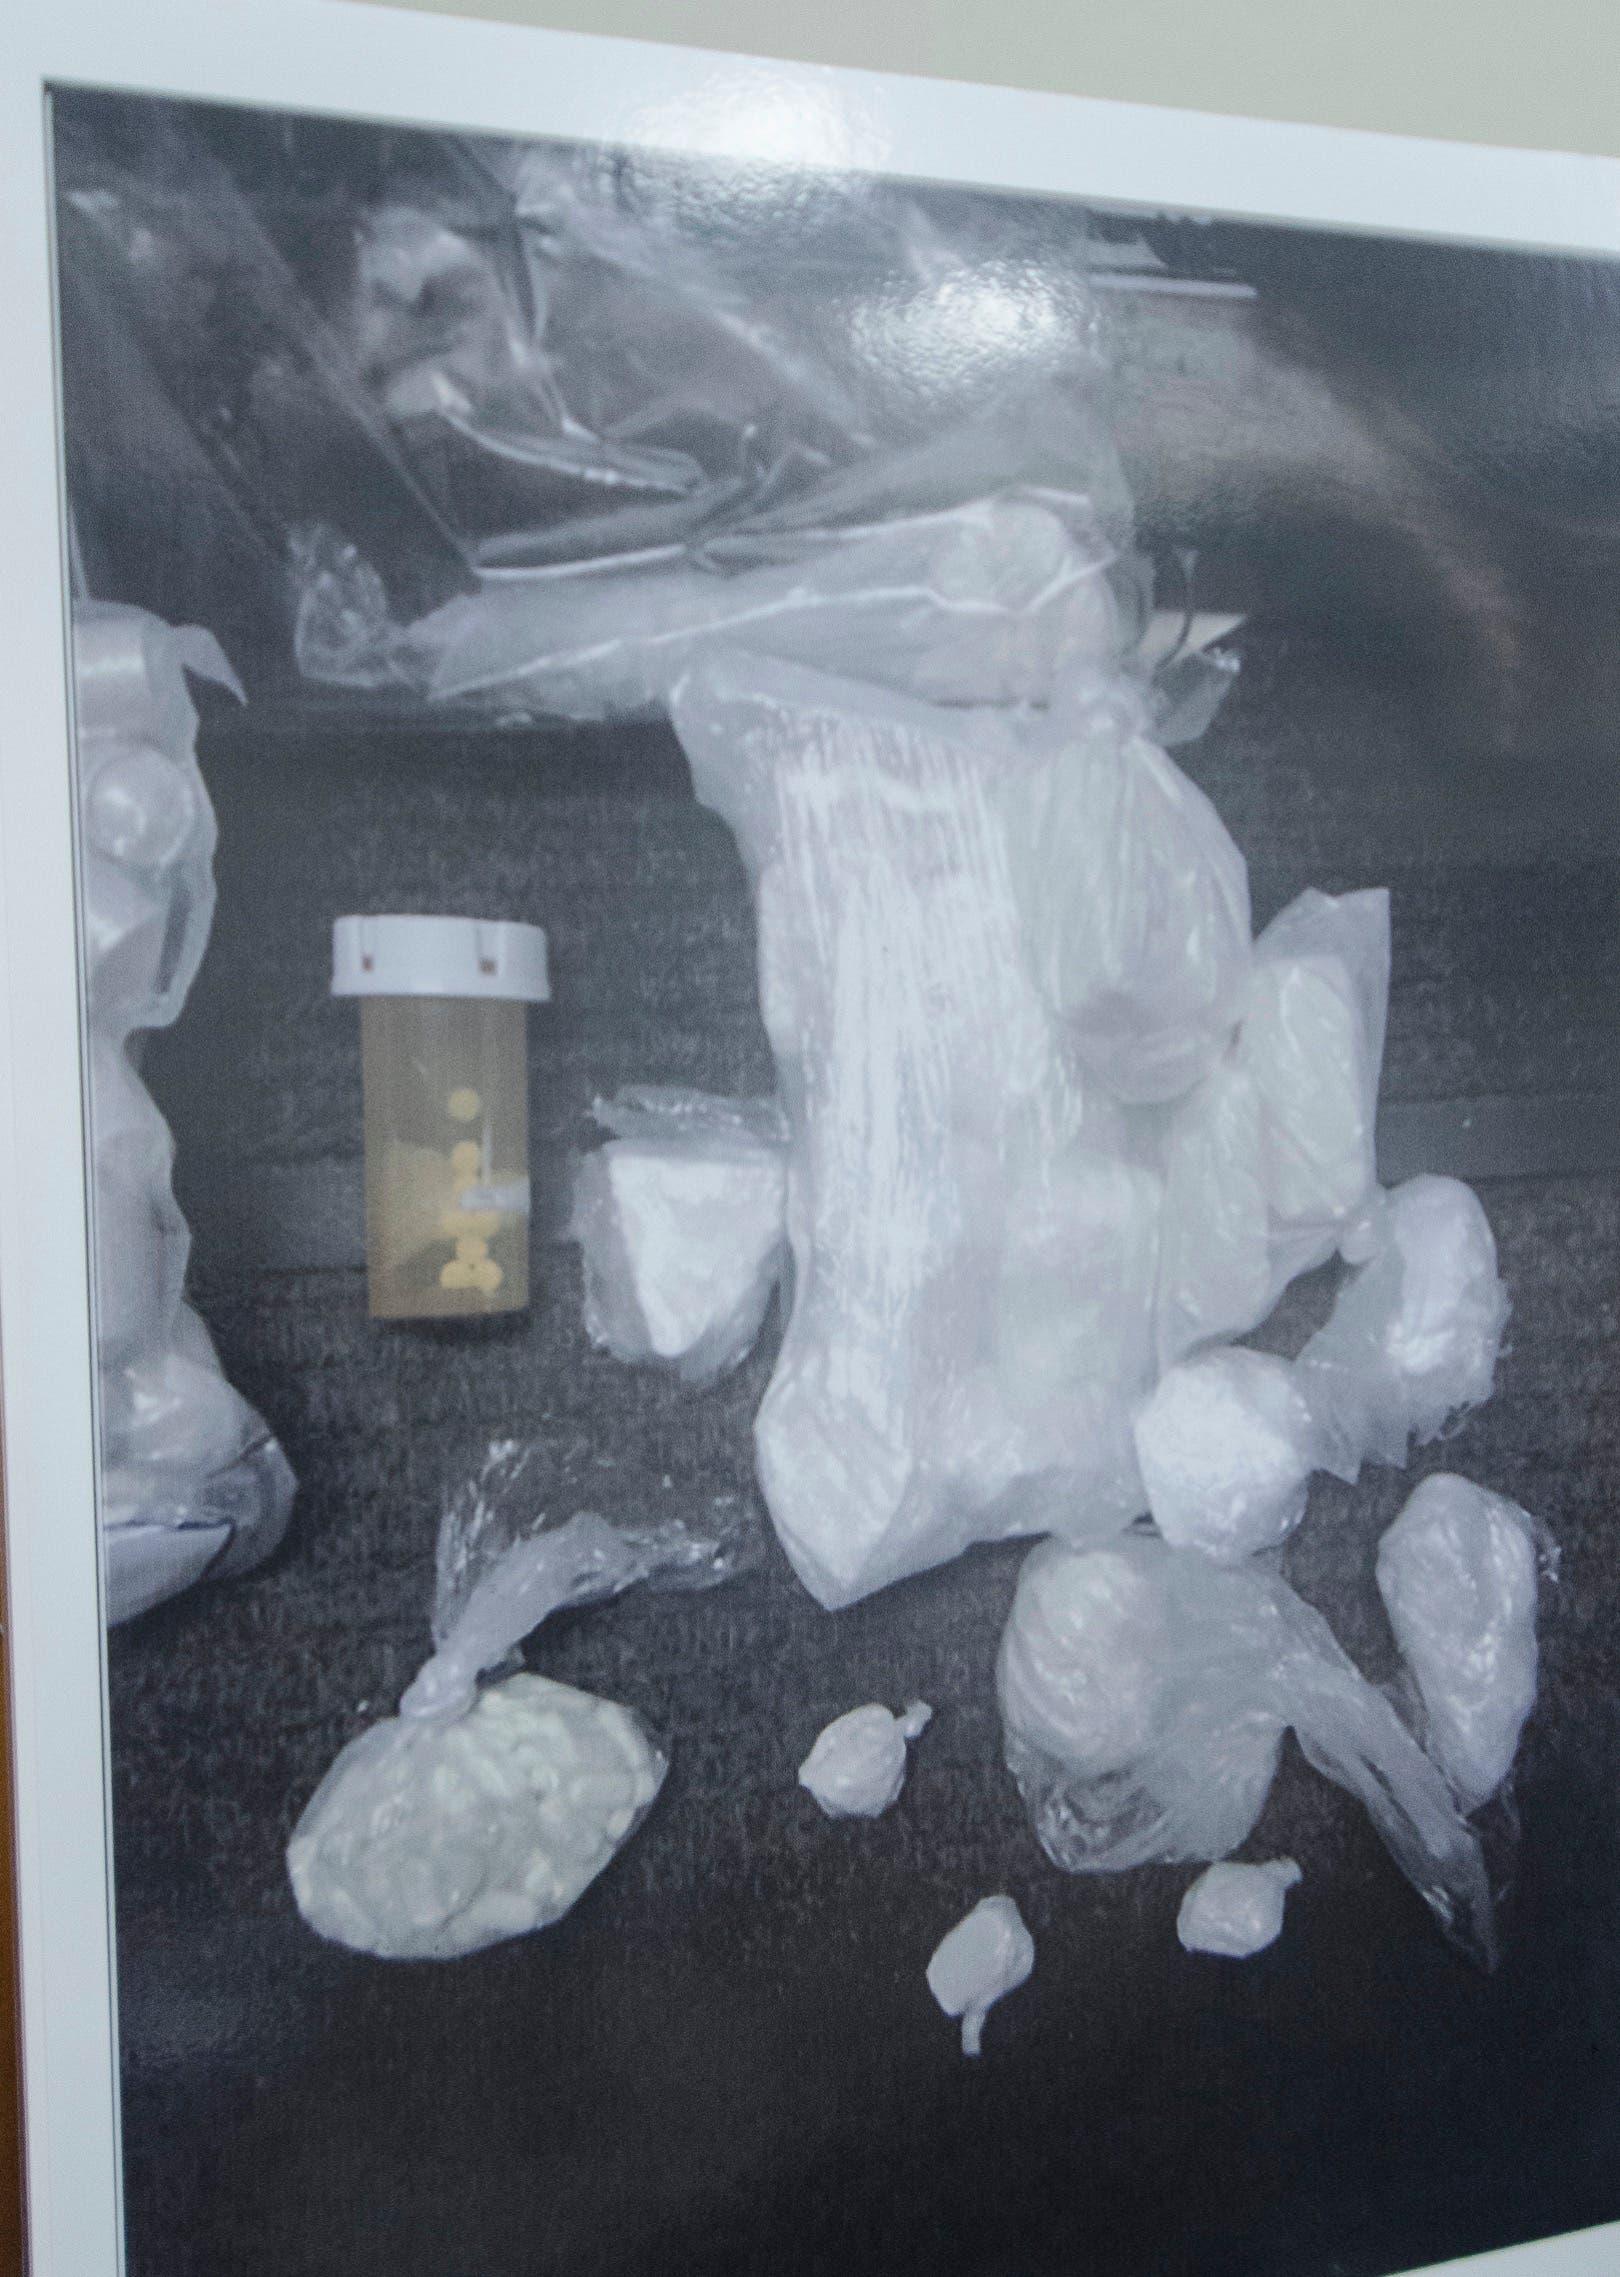 Multi-Agency Force Makes Big Drug Busts Last Week   Concord